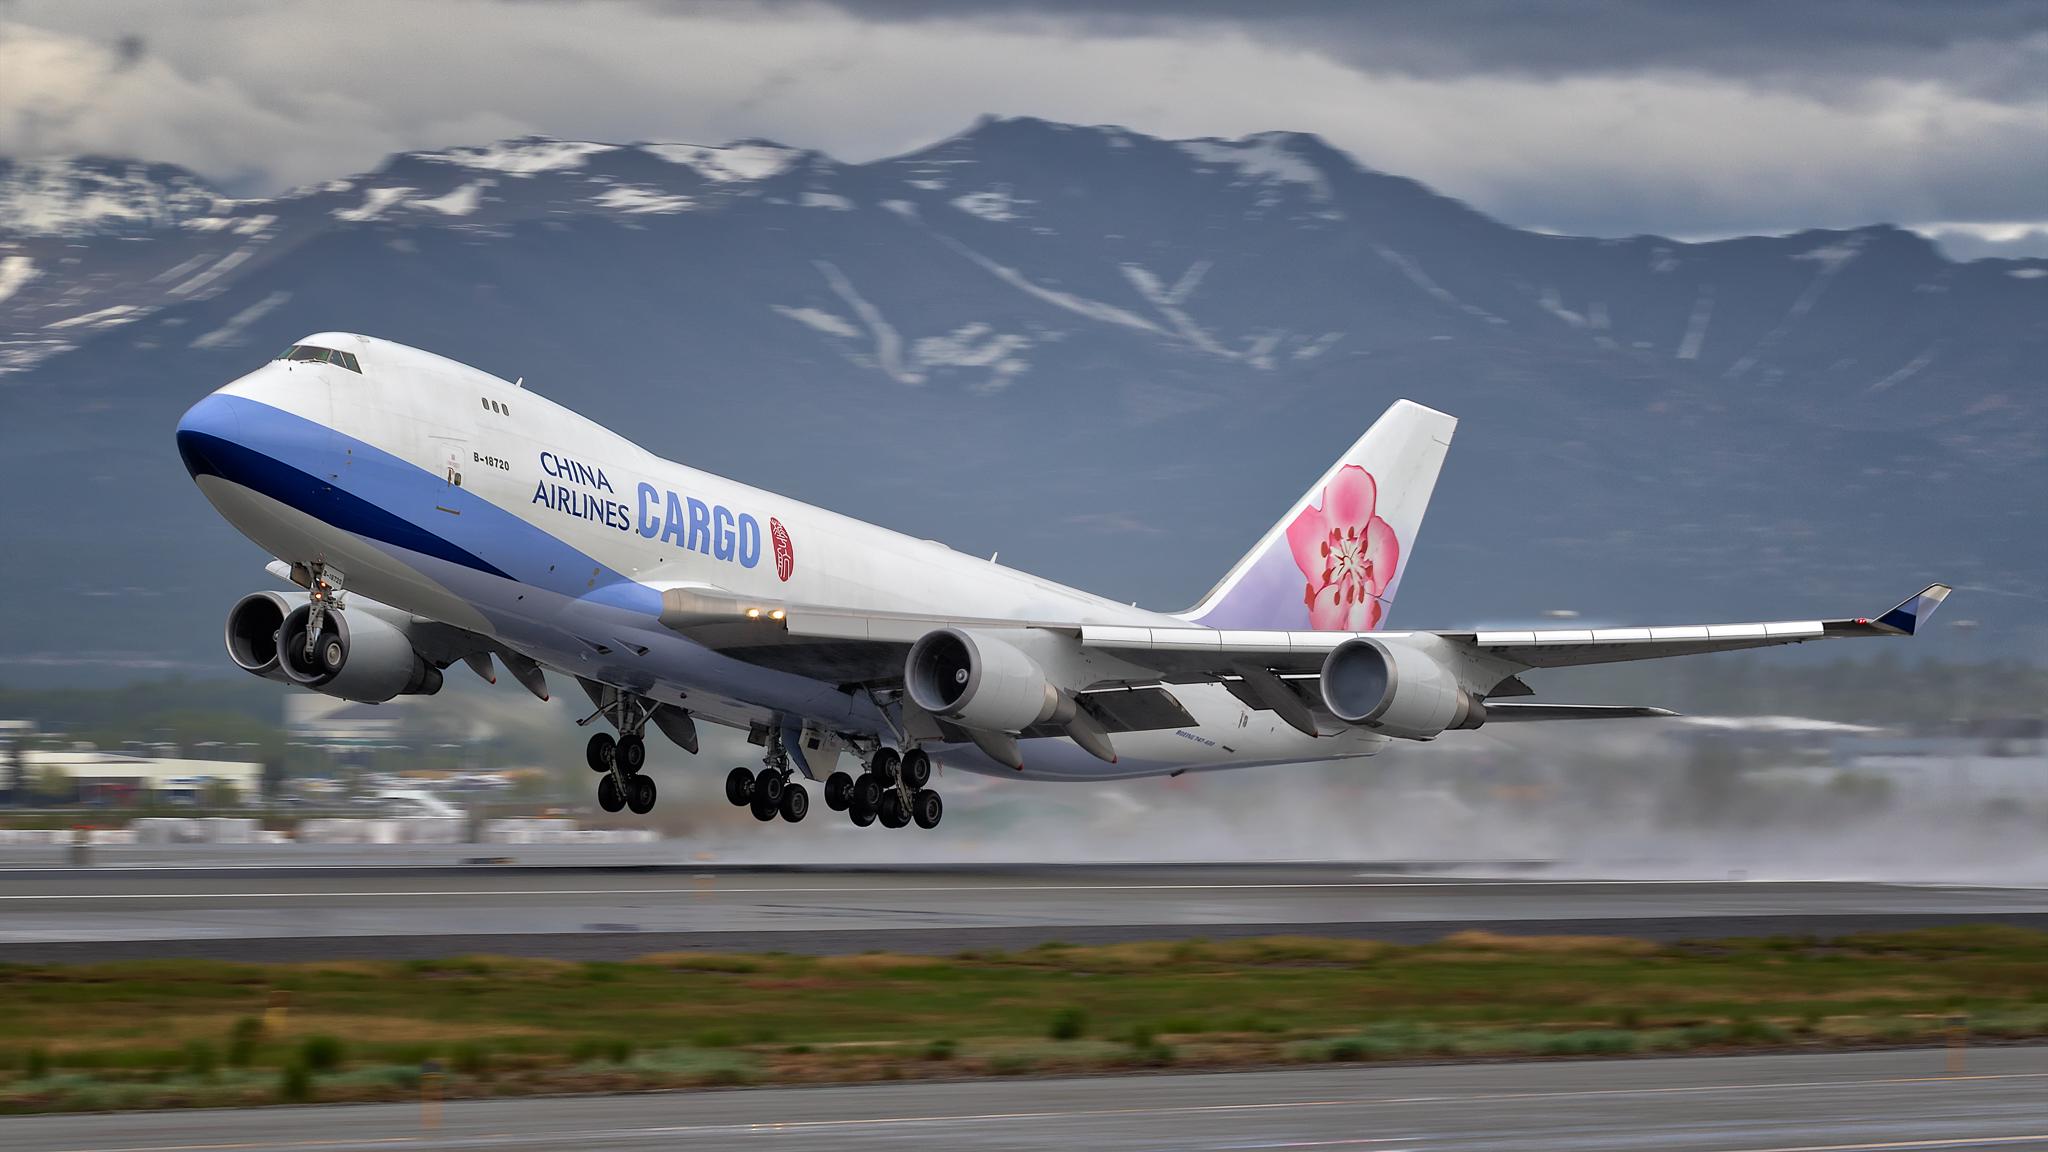 File:9 China Airlines Cargo B9F B-9 PANC NASEDIT